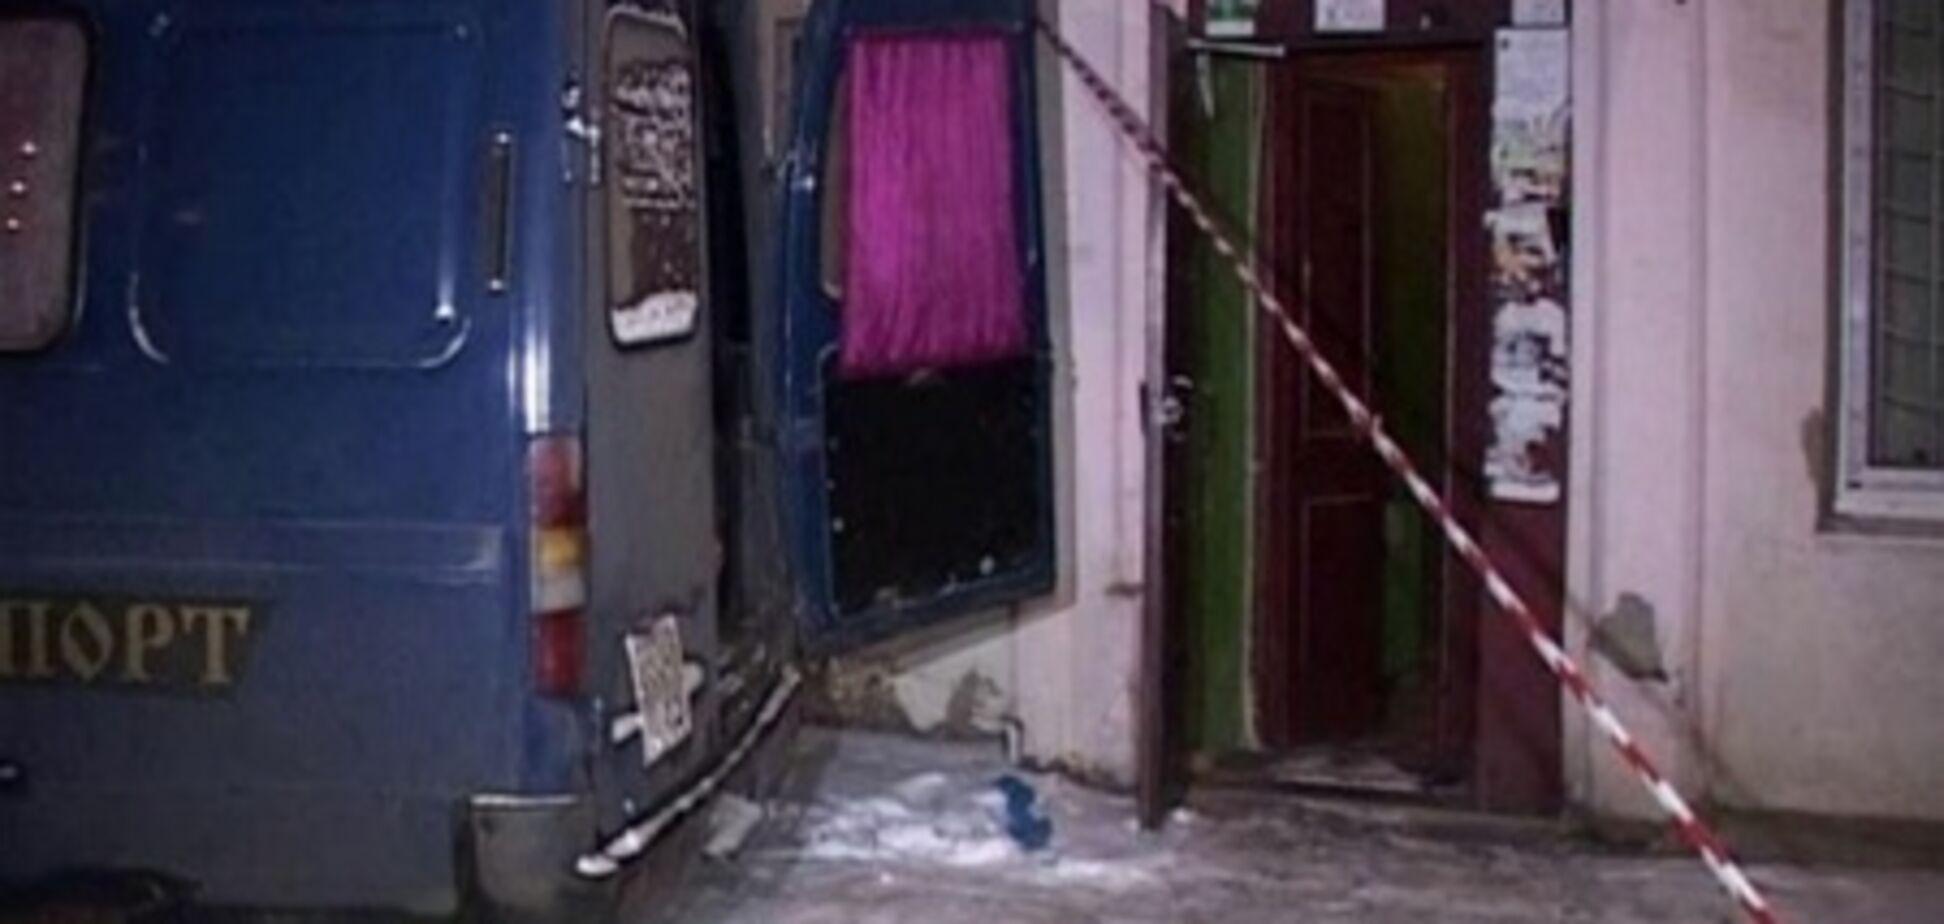 Лікар: членів сім'ї харківського судді обезголовили, замітаючи сліди